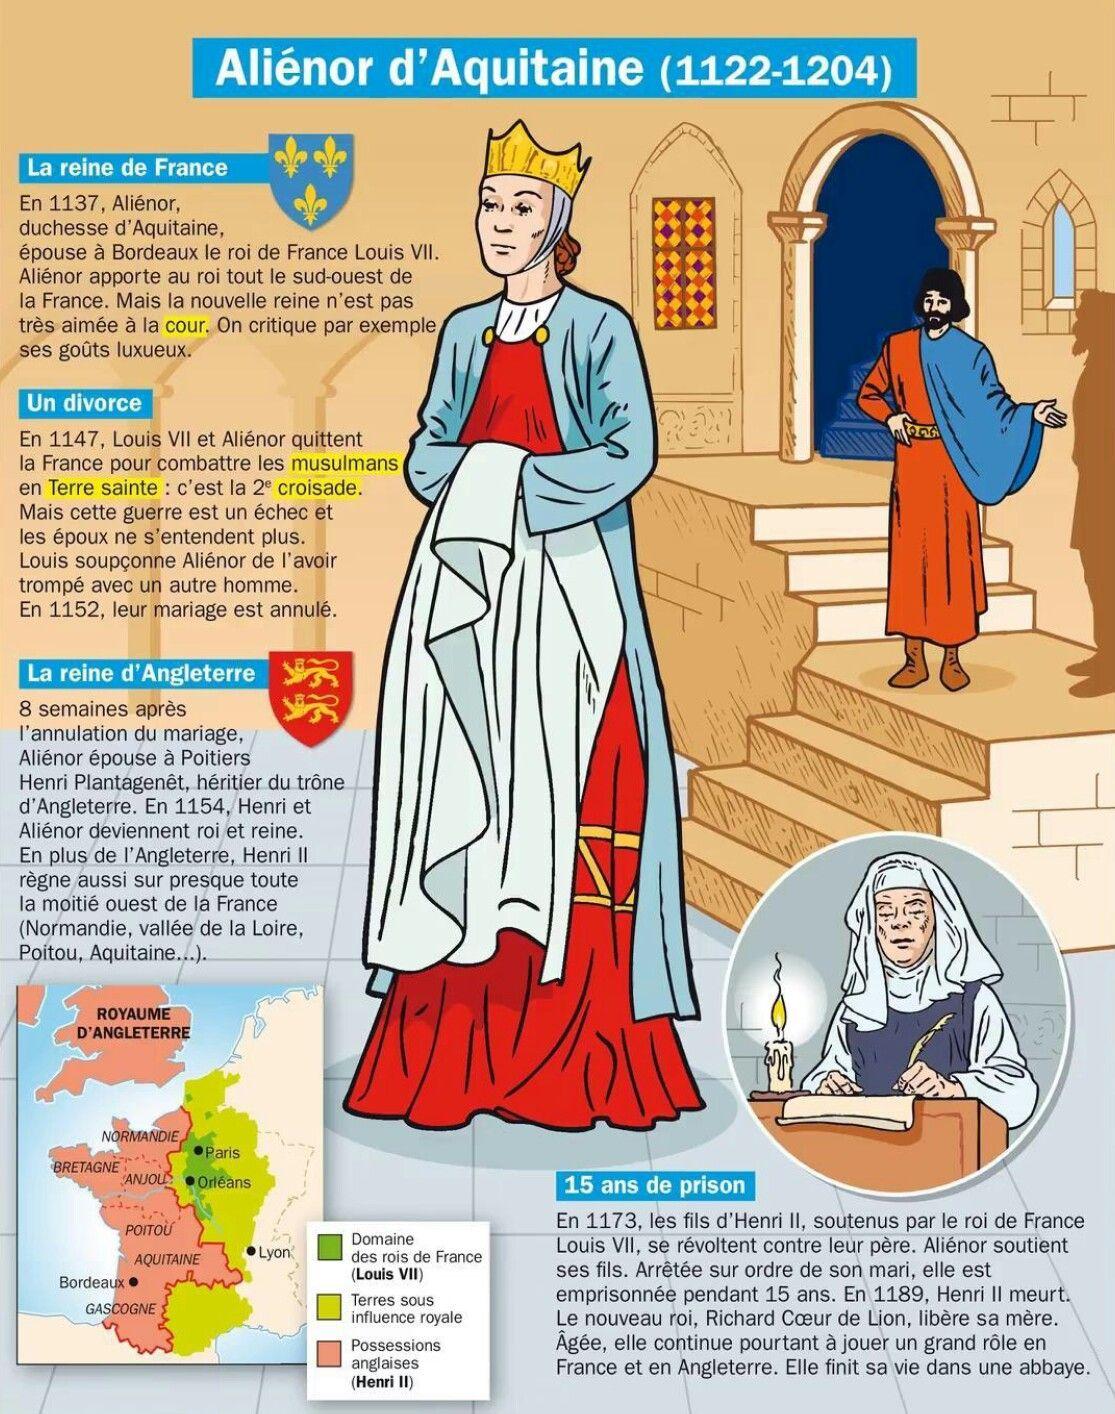 Epingle Par Ila Ptsn Sur Francais Chronologie Histoire De France Enseignement De L Histoire Chronologie Histoire